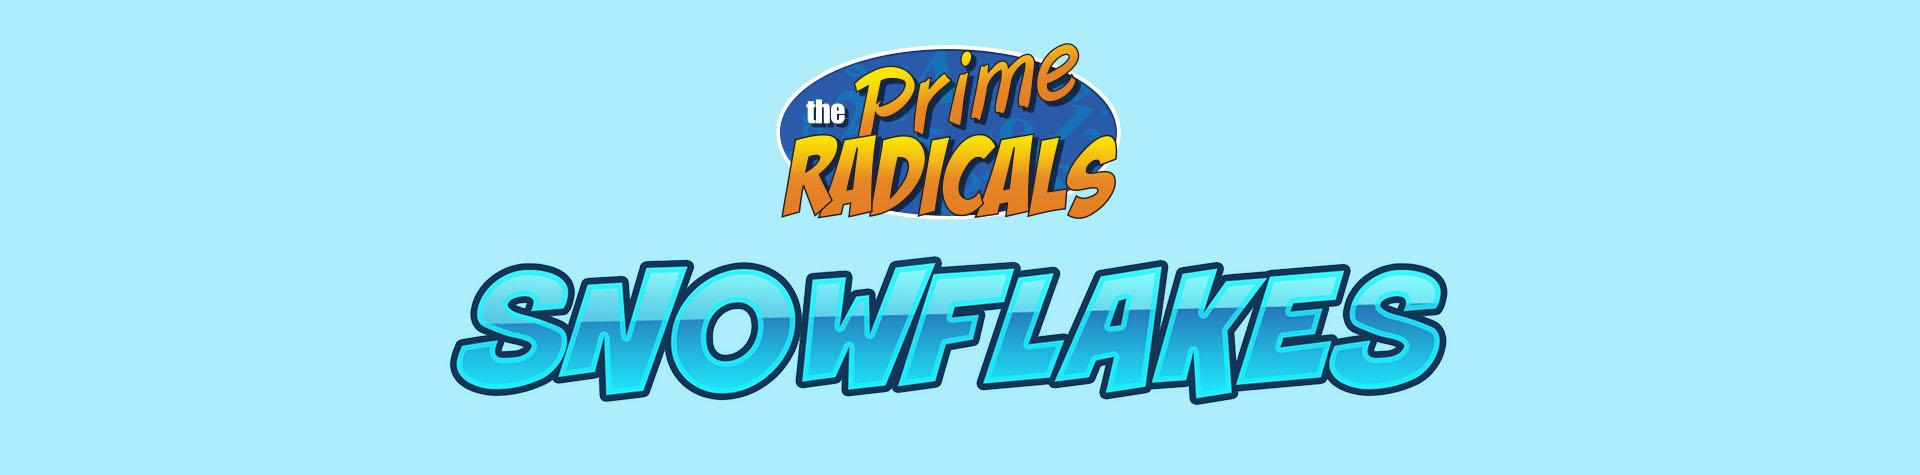 Logo Prime Radicals: Snowflake